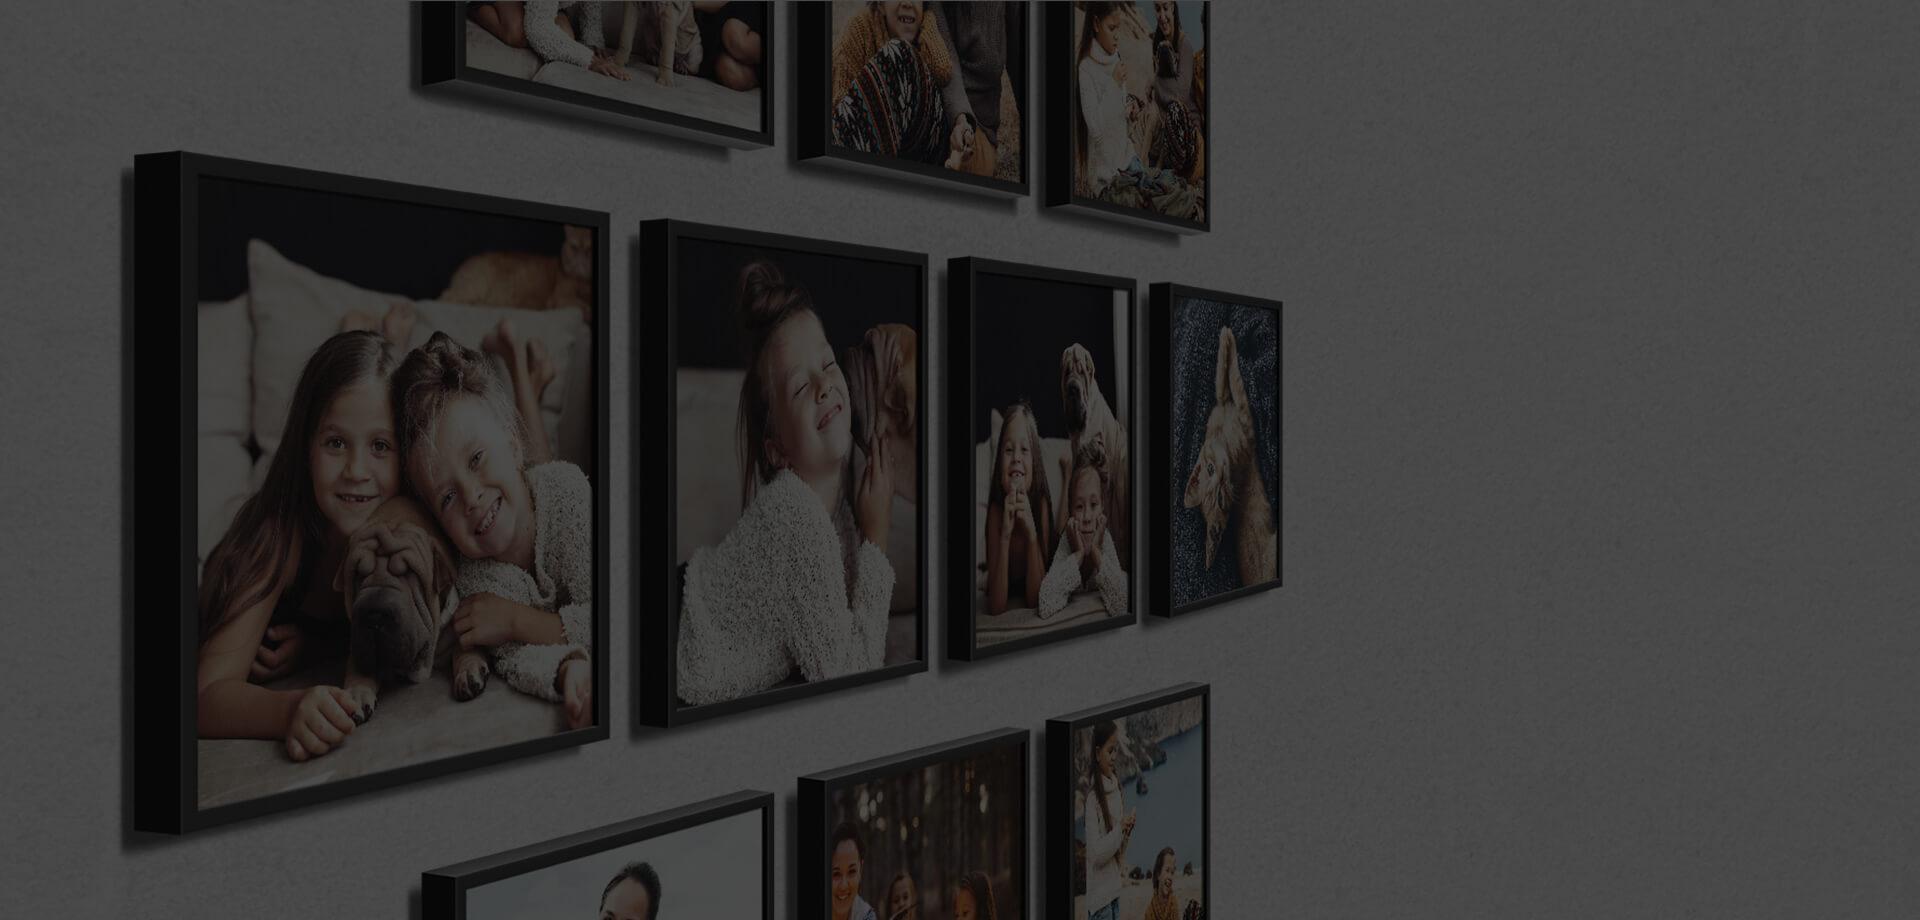 כל התמונות שבטלפון או במחשב שלכם יוצאות לאור מחשכת האיחסון הדיגיטלי